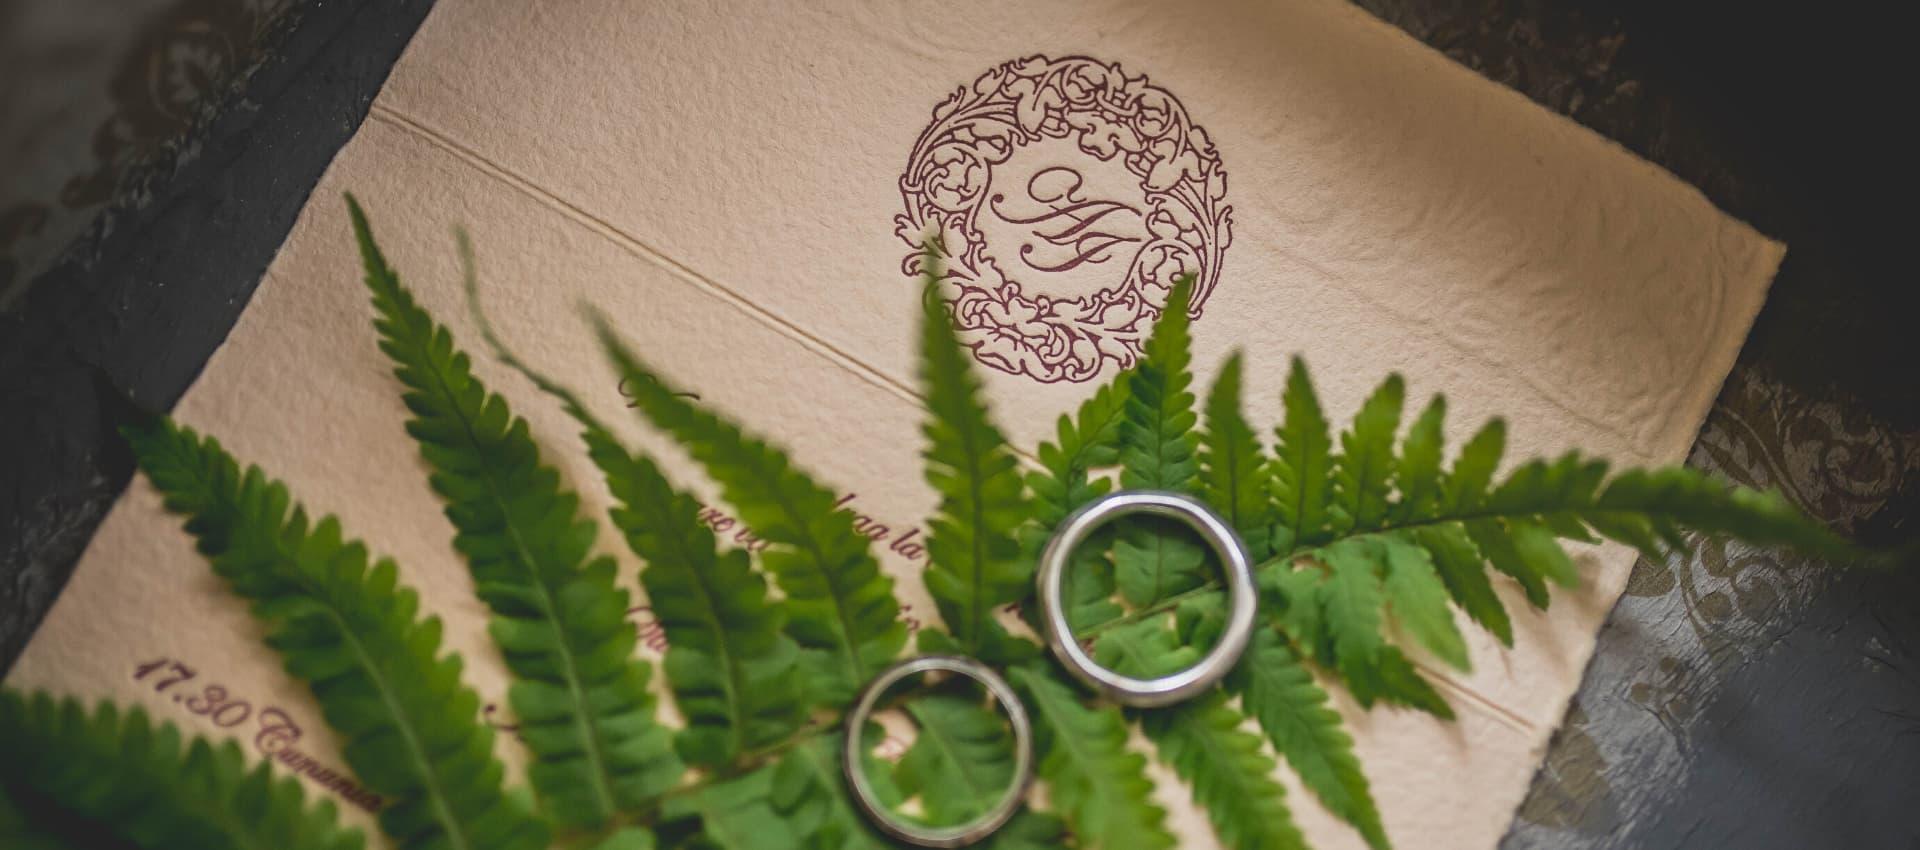 anillos junto a invitaciones de boda